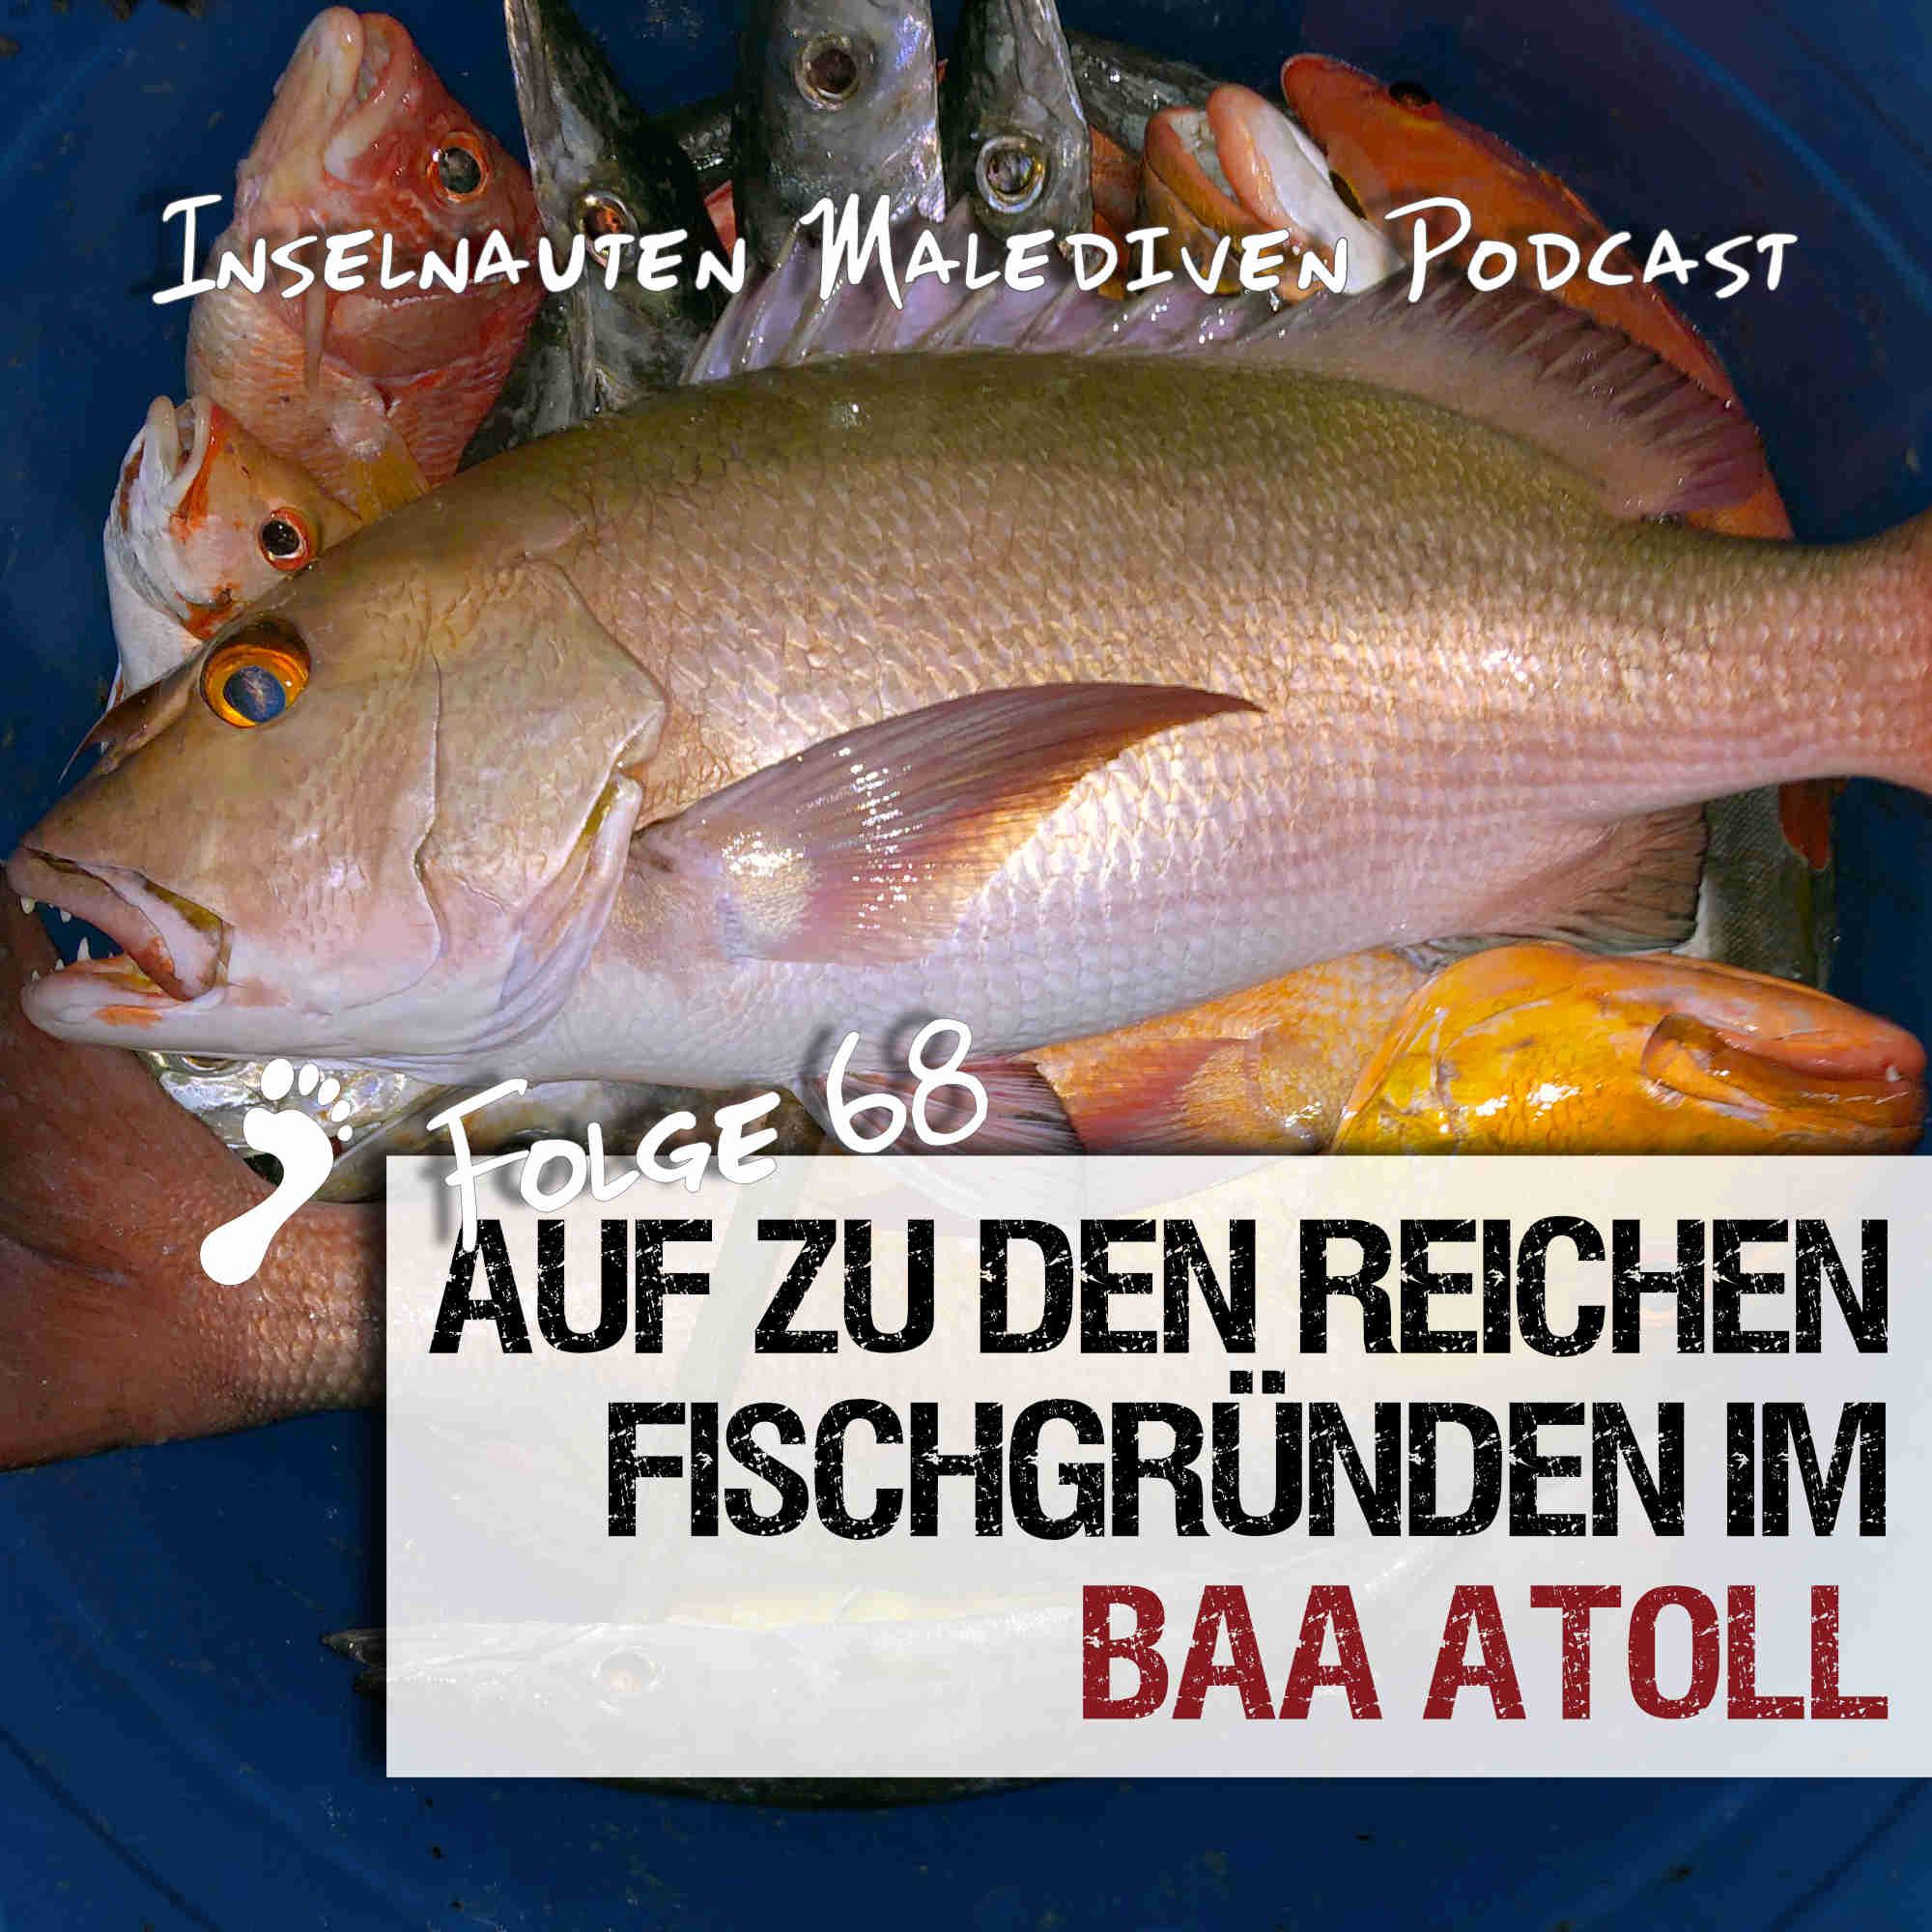 Auf-zu-den-reichen-Fischgründen-im-Baa-Atoll